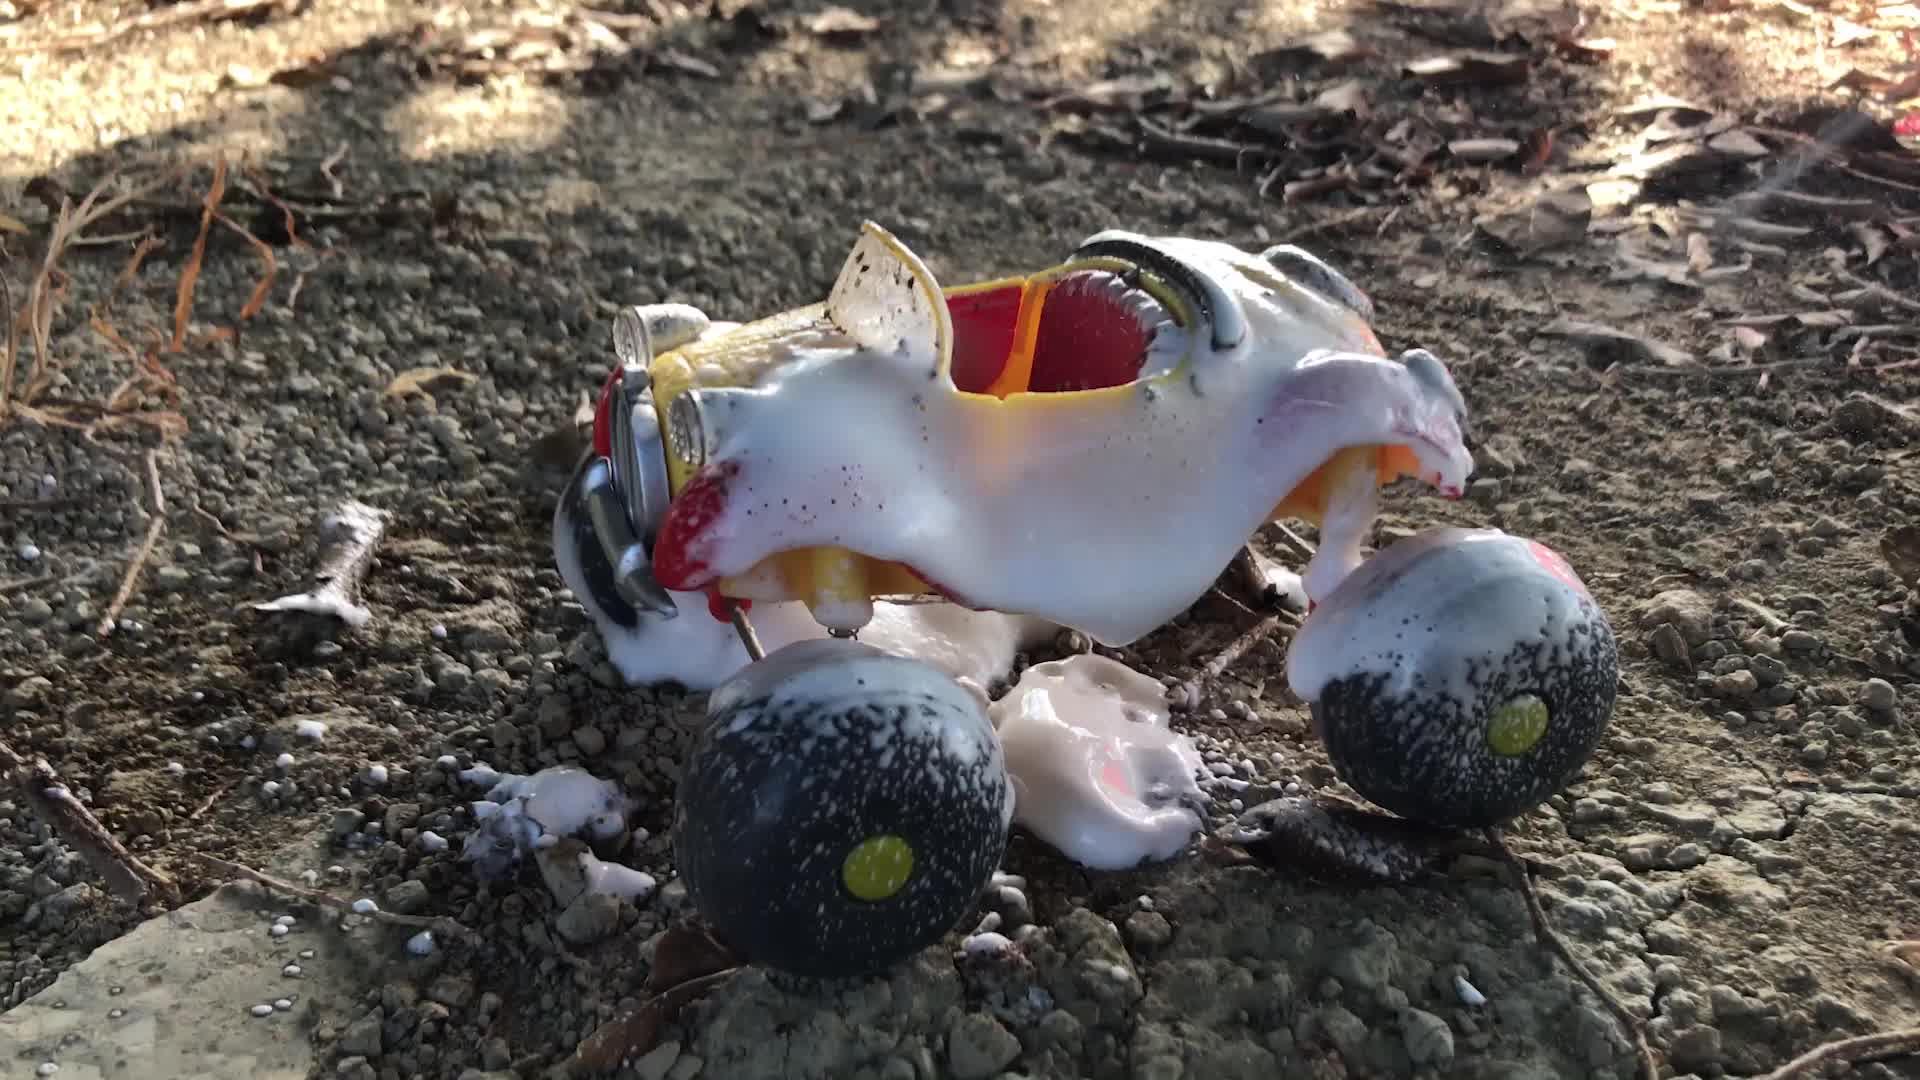 奥特曼玩具故事,布鲁泽塔奥特曼找到丢失的车子用泡泡清洗干净